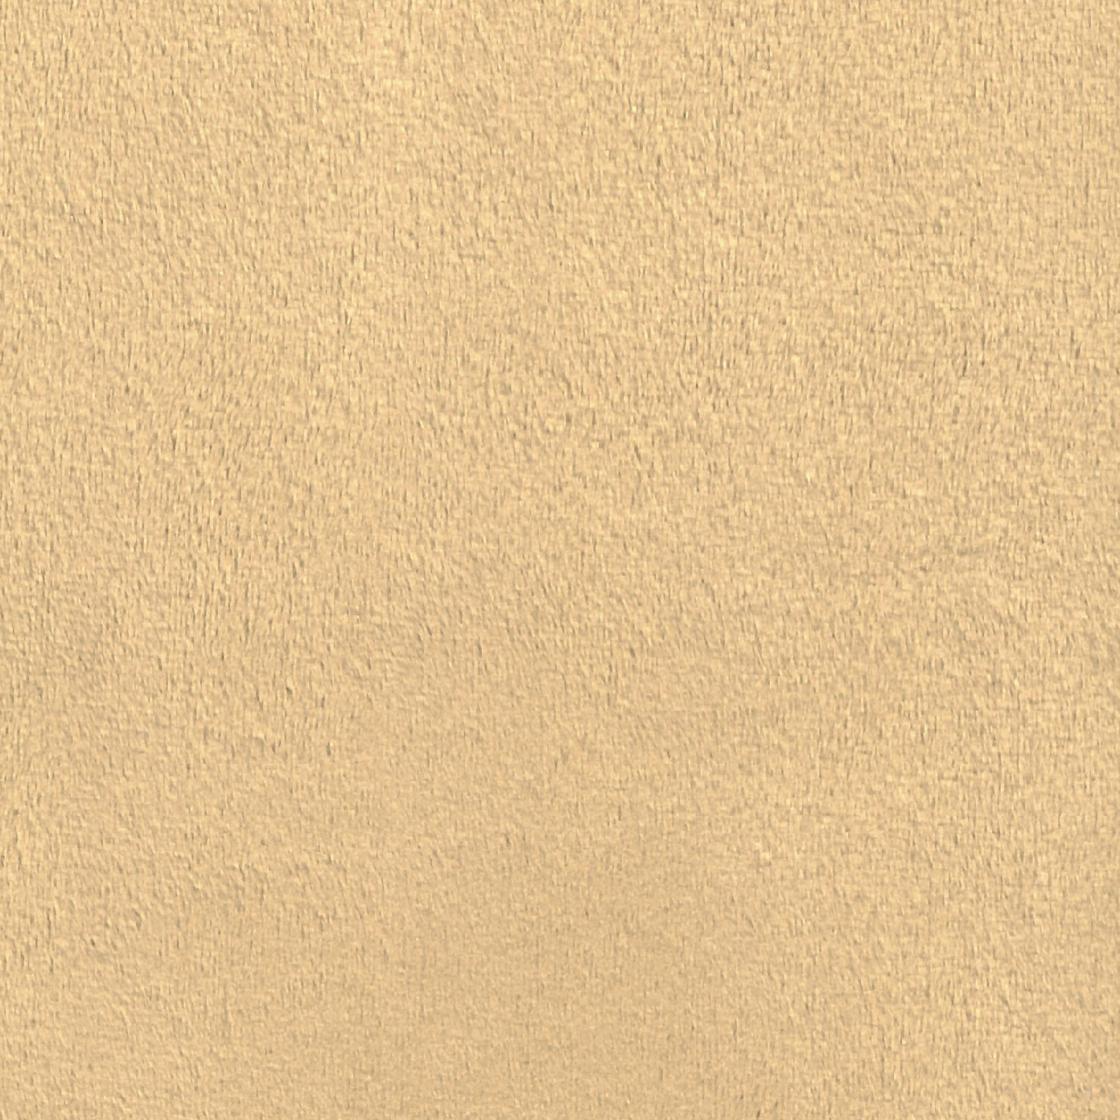 """Peluche - Textile """"Aspect Fourrure"""" à chausson - sur mousse 4 mm - 6 coloris"""